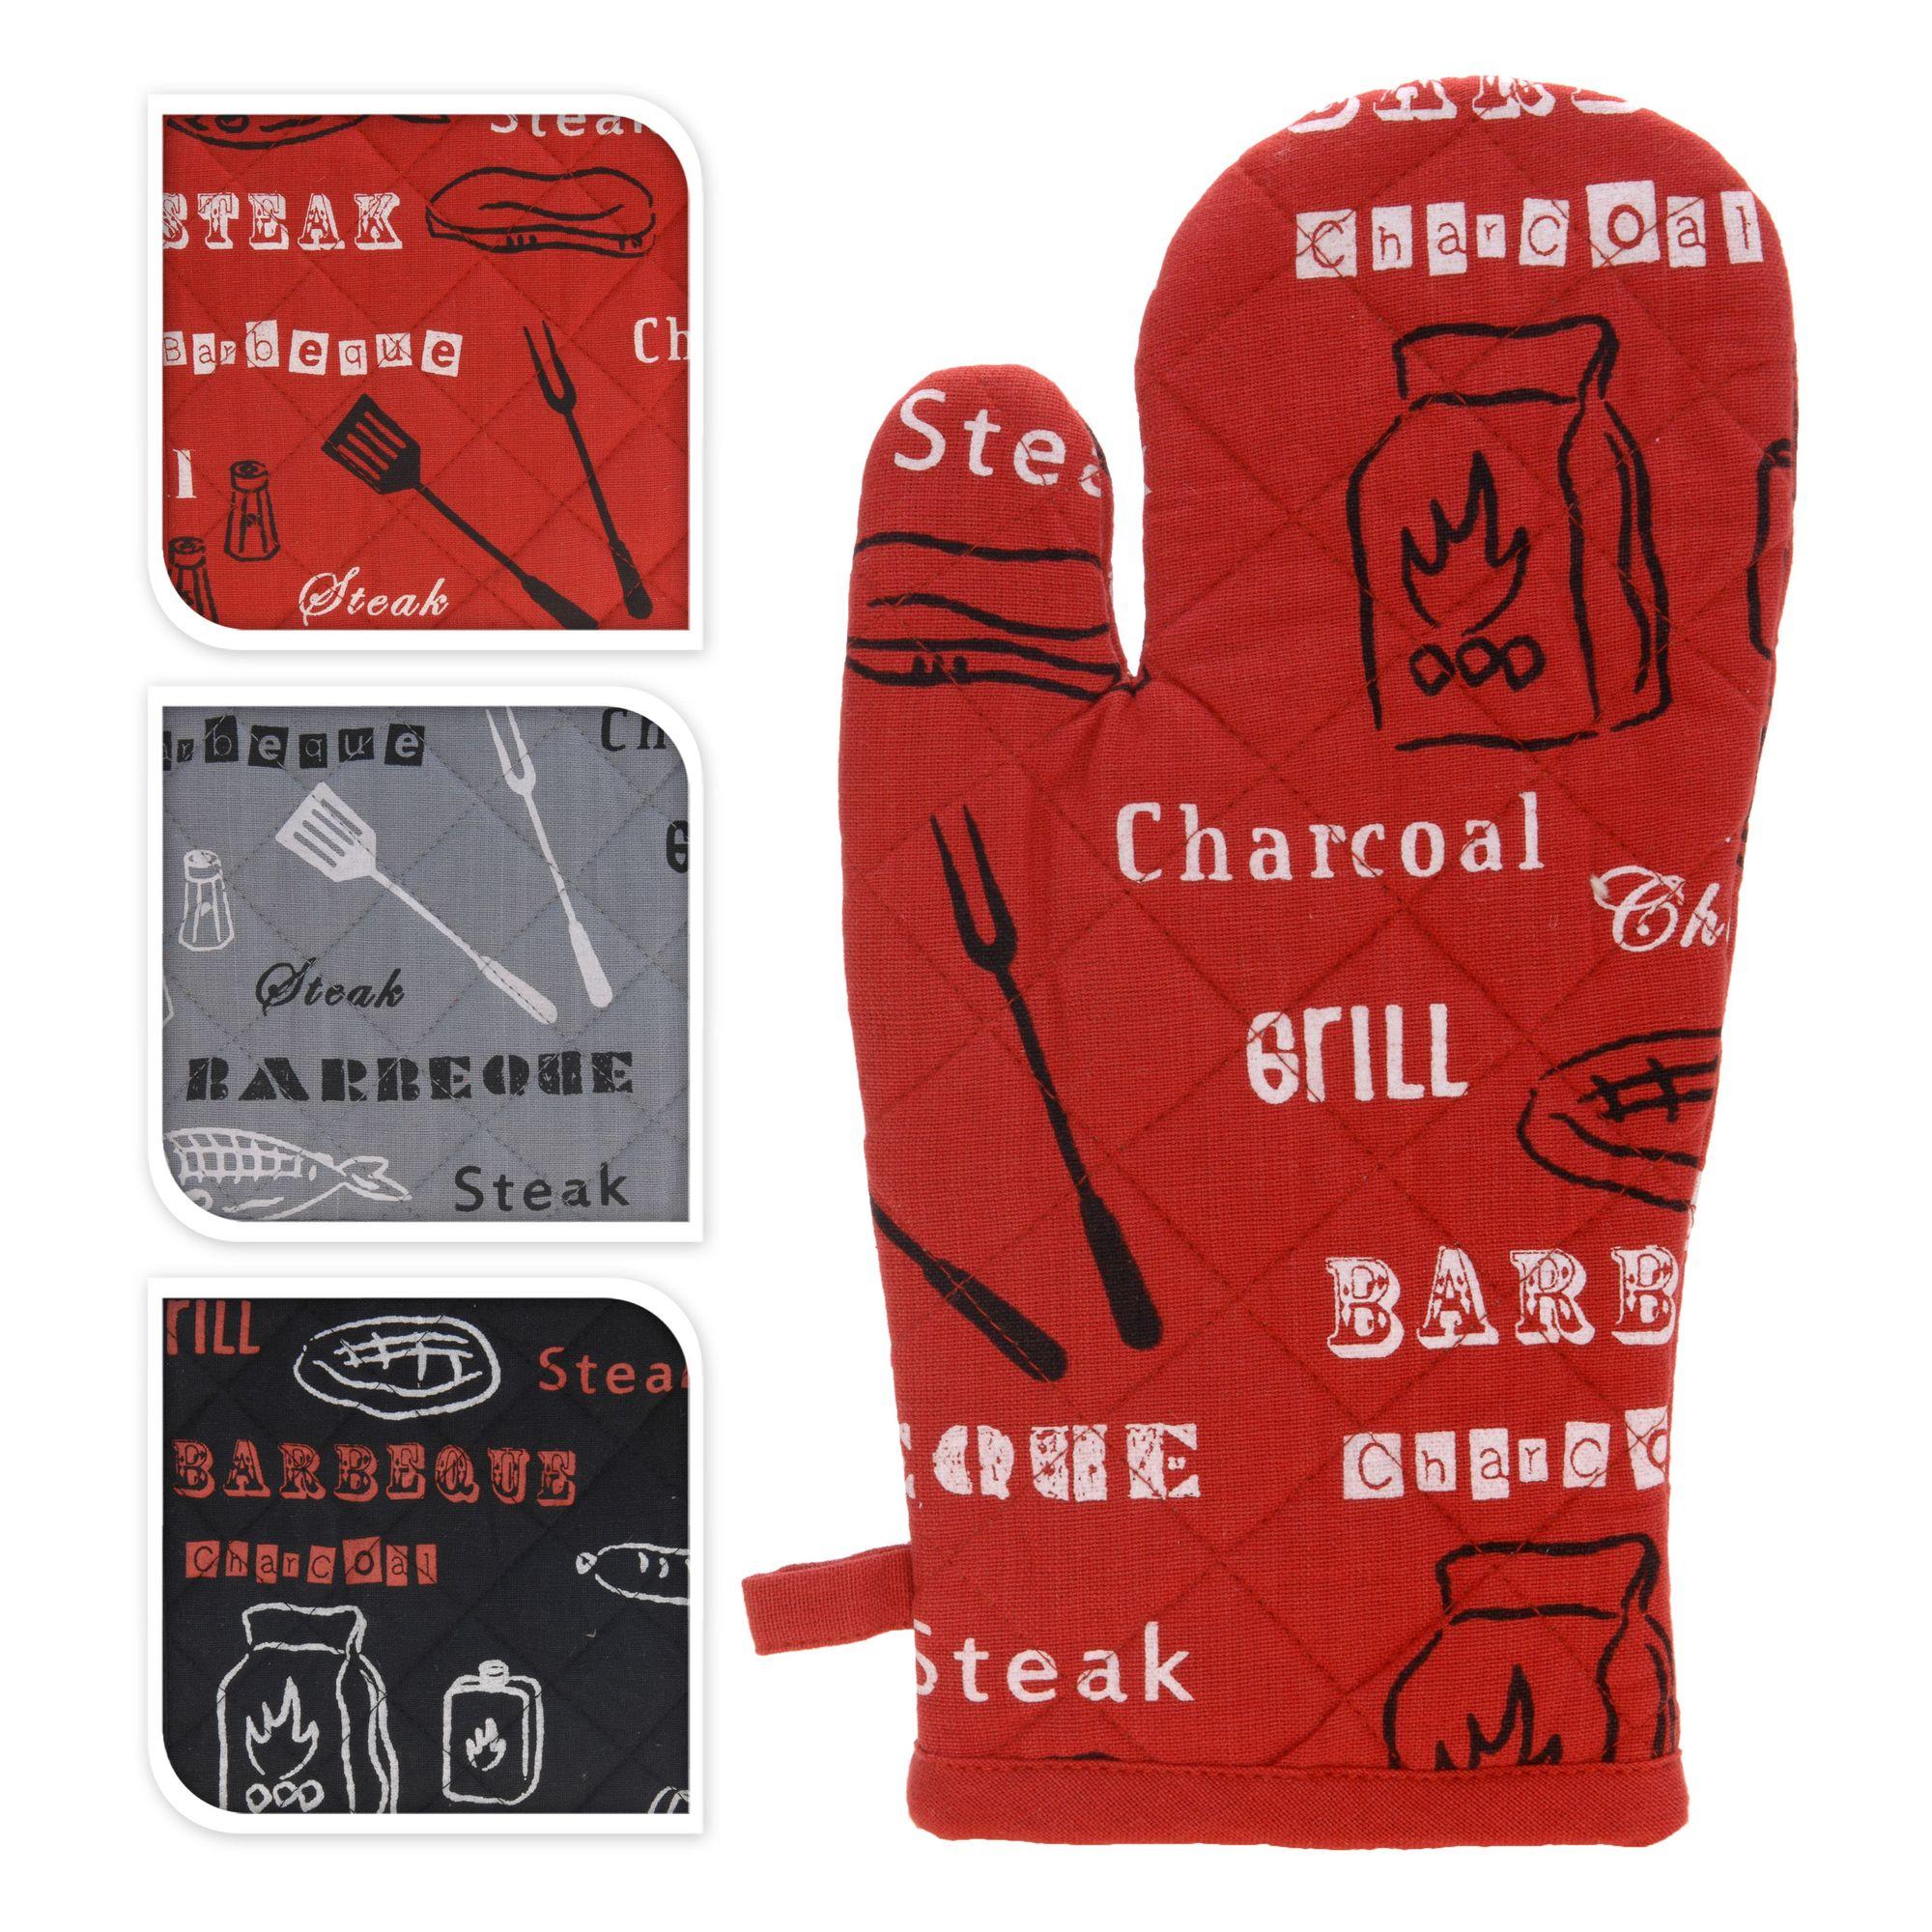 Варежка-прихватка Koopman 31*17*20 в ассортиментеВарежка-прихватка Koopman известного бренда Экселлент Хаусвеар – это удобный кухонный аксессуар, который обеспечивает надежную защиту рук от воздействия высоких температур во время приготовления пищи.Безопасность во всемПрихватка выполнена из натурального хлопка, украшенного надписями и оригинальными рисунками, и укреплена теплоизоляционной прослойкой, что позволяет спокойно брать руками горячую посуду. Модель оснащена петелькой для подвешивания на крючок. Изделие отлично выдерживает постоянную эксплуатацию и легко стирается. Прихватка – отличный вариант подарка для практичной хозяйки. Купить варежку-прихватку Купман марки Экселлент Хаусвеар вы можете на сайте компании Cookhouse. Возможна доставка товара курьерской службой.<br>